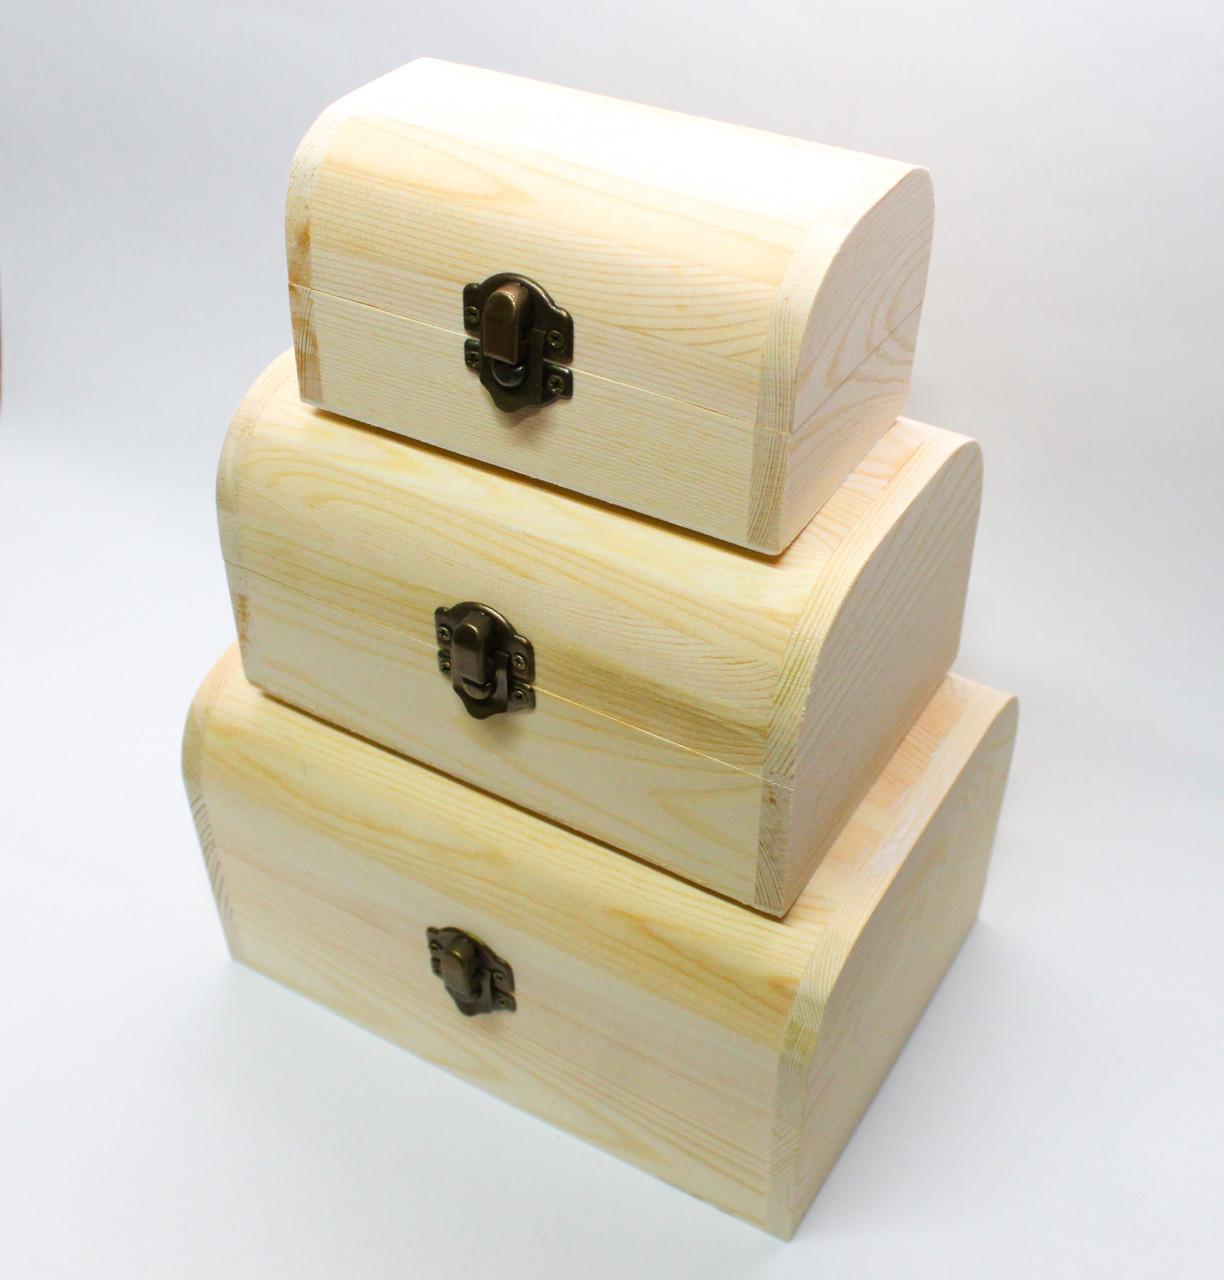 """Заготовка для декора """"Шкатулка-сундучок"""", деревянная, 3в1 - фото 1"""